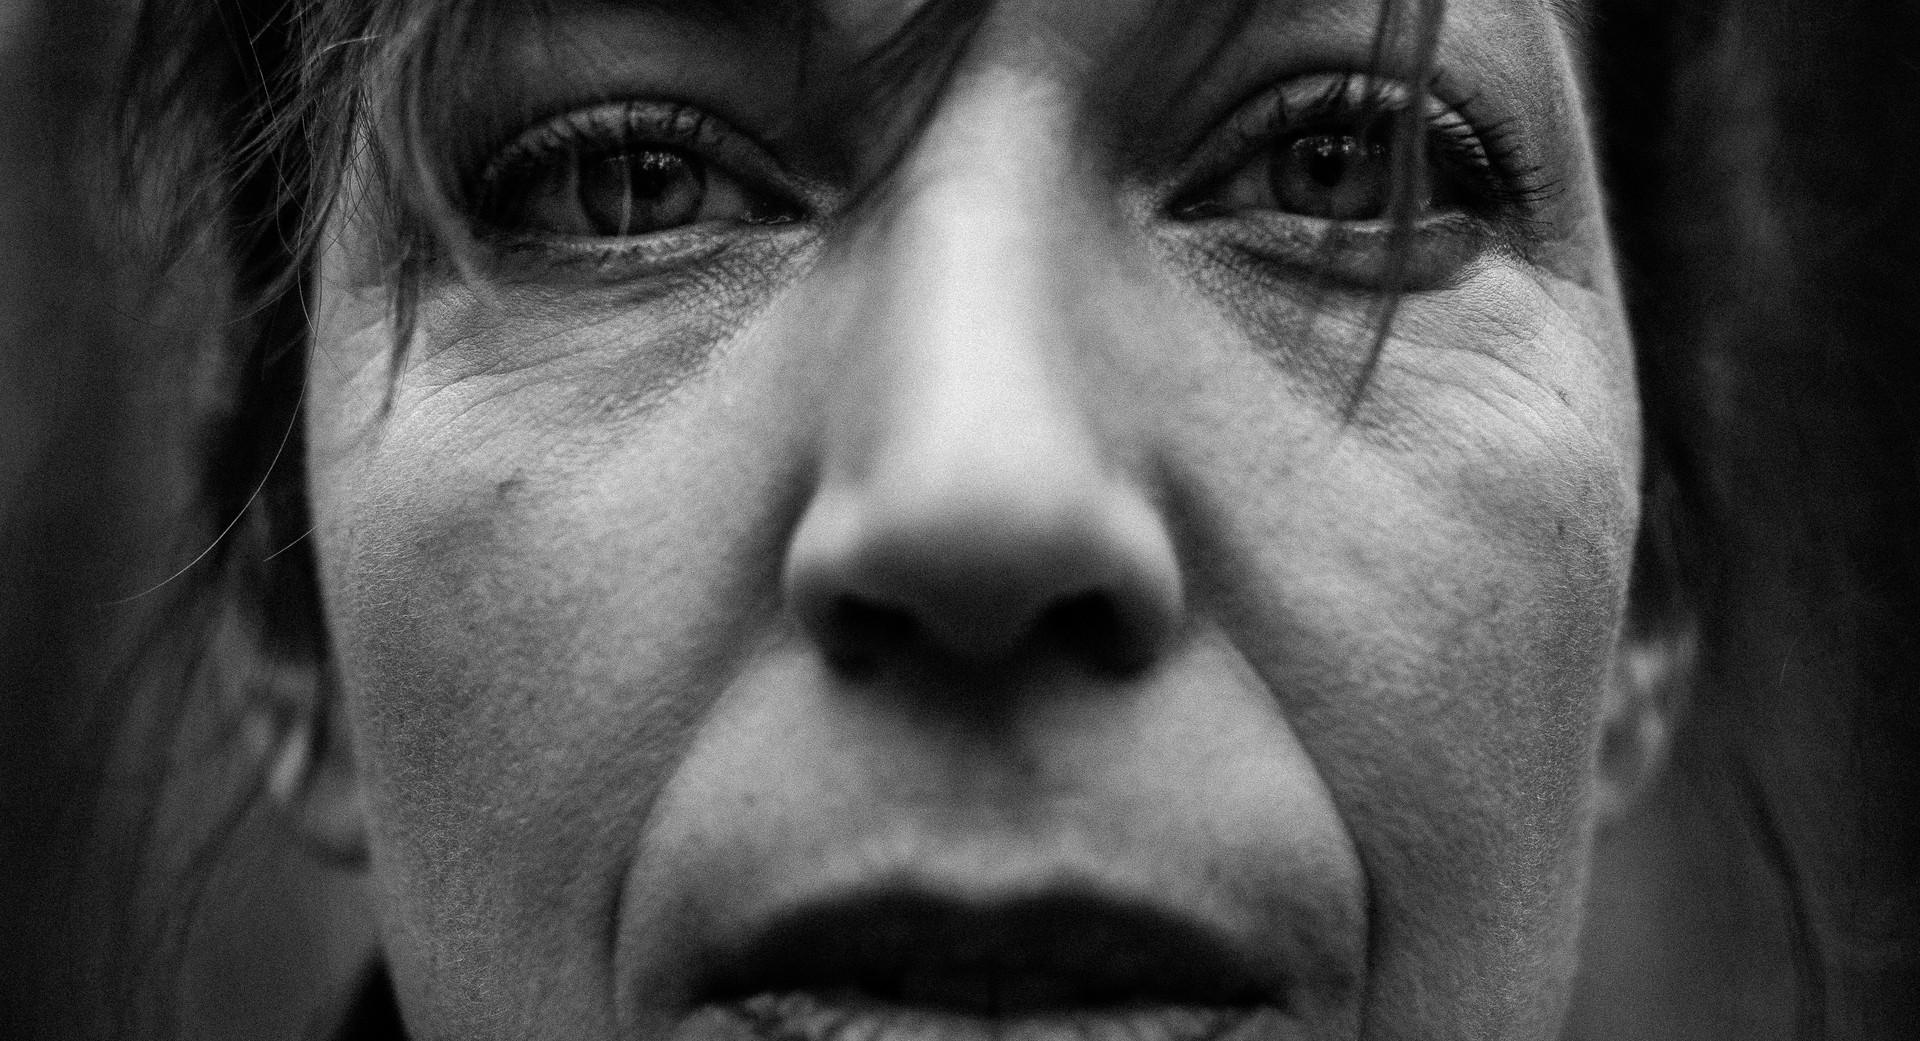 Noir - Evelyne de la Chenelière / Crédit photo: Fabrice Gaetan